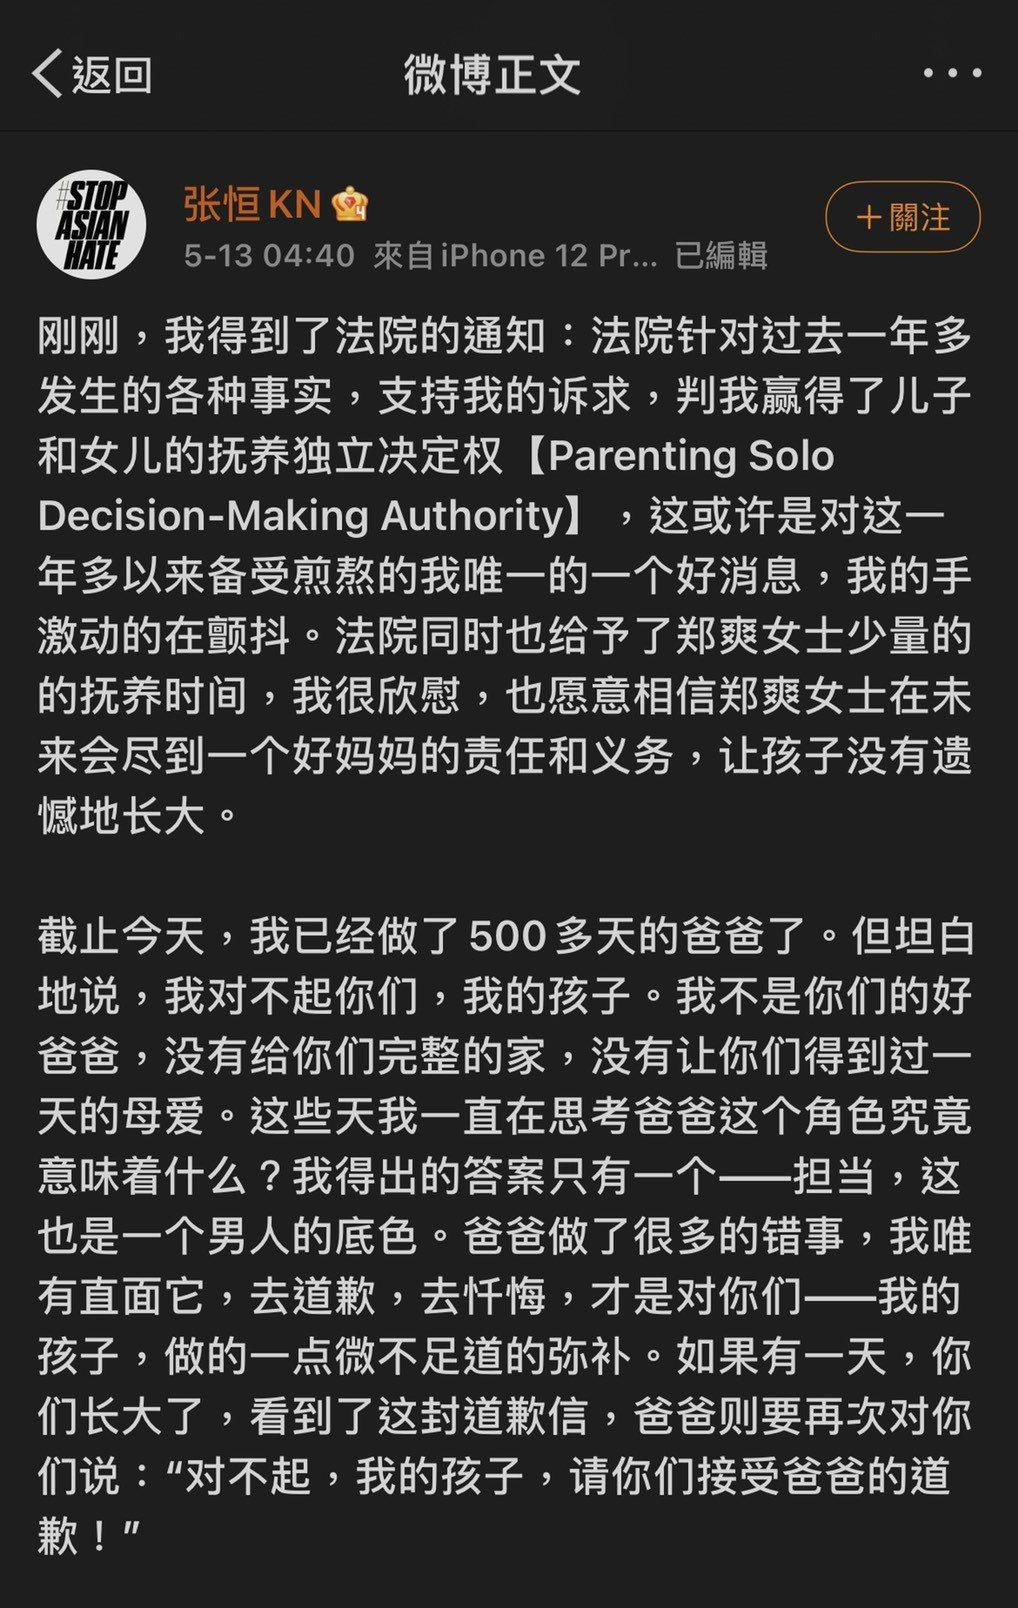 張恒宣布撫養權法院判決結果。 圖/擷自張恒微博